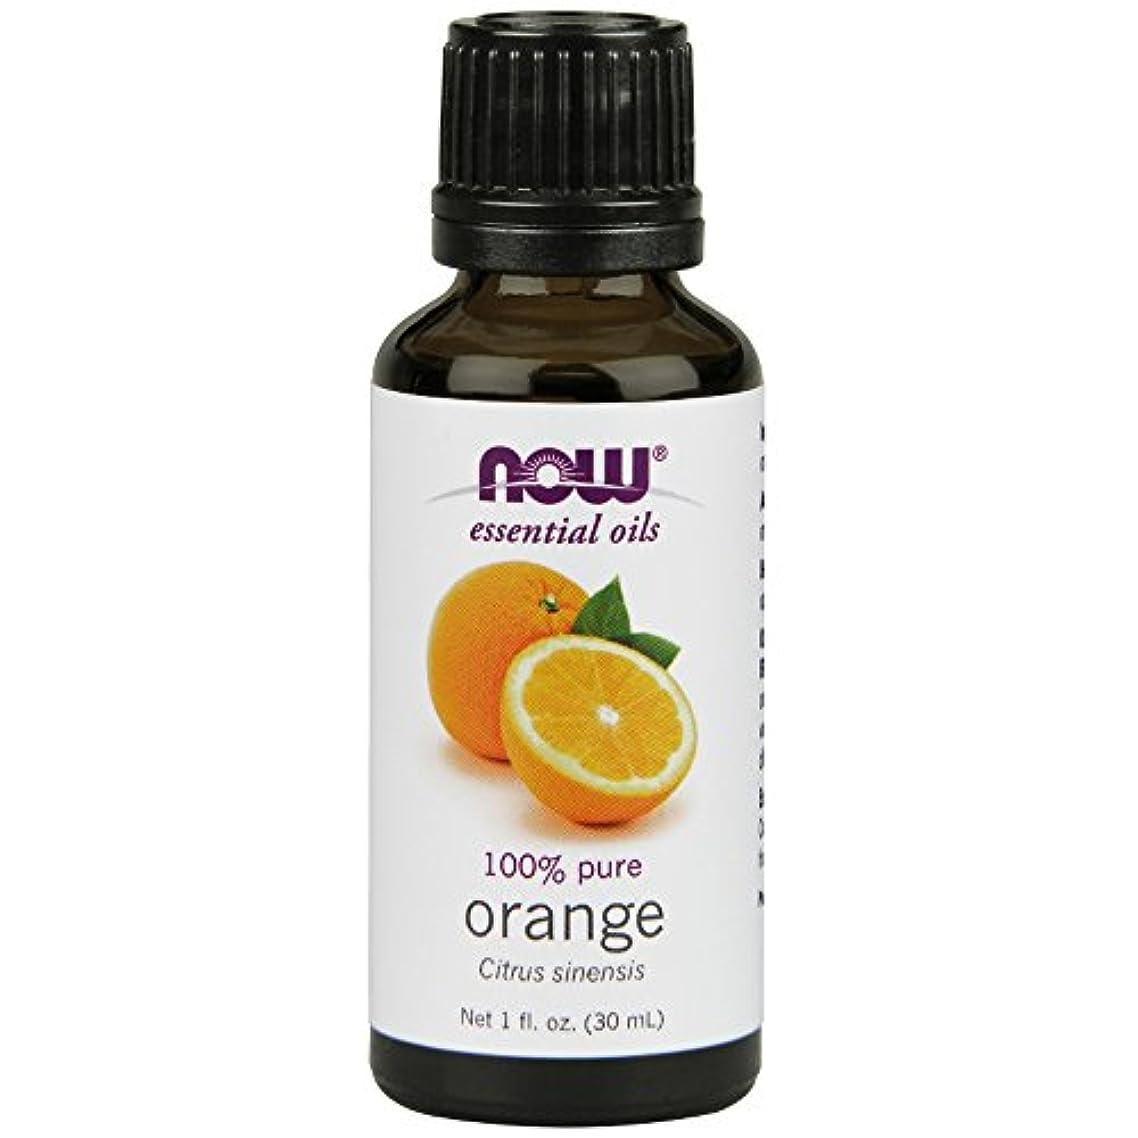 ブロックする水っぽいアマゾンジャングルNOWエッセンシャルオイル オレンジ精油 アロマオイル 30ml 【正規輸入品】